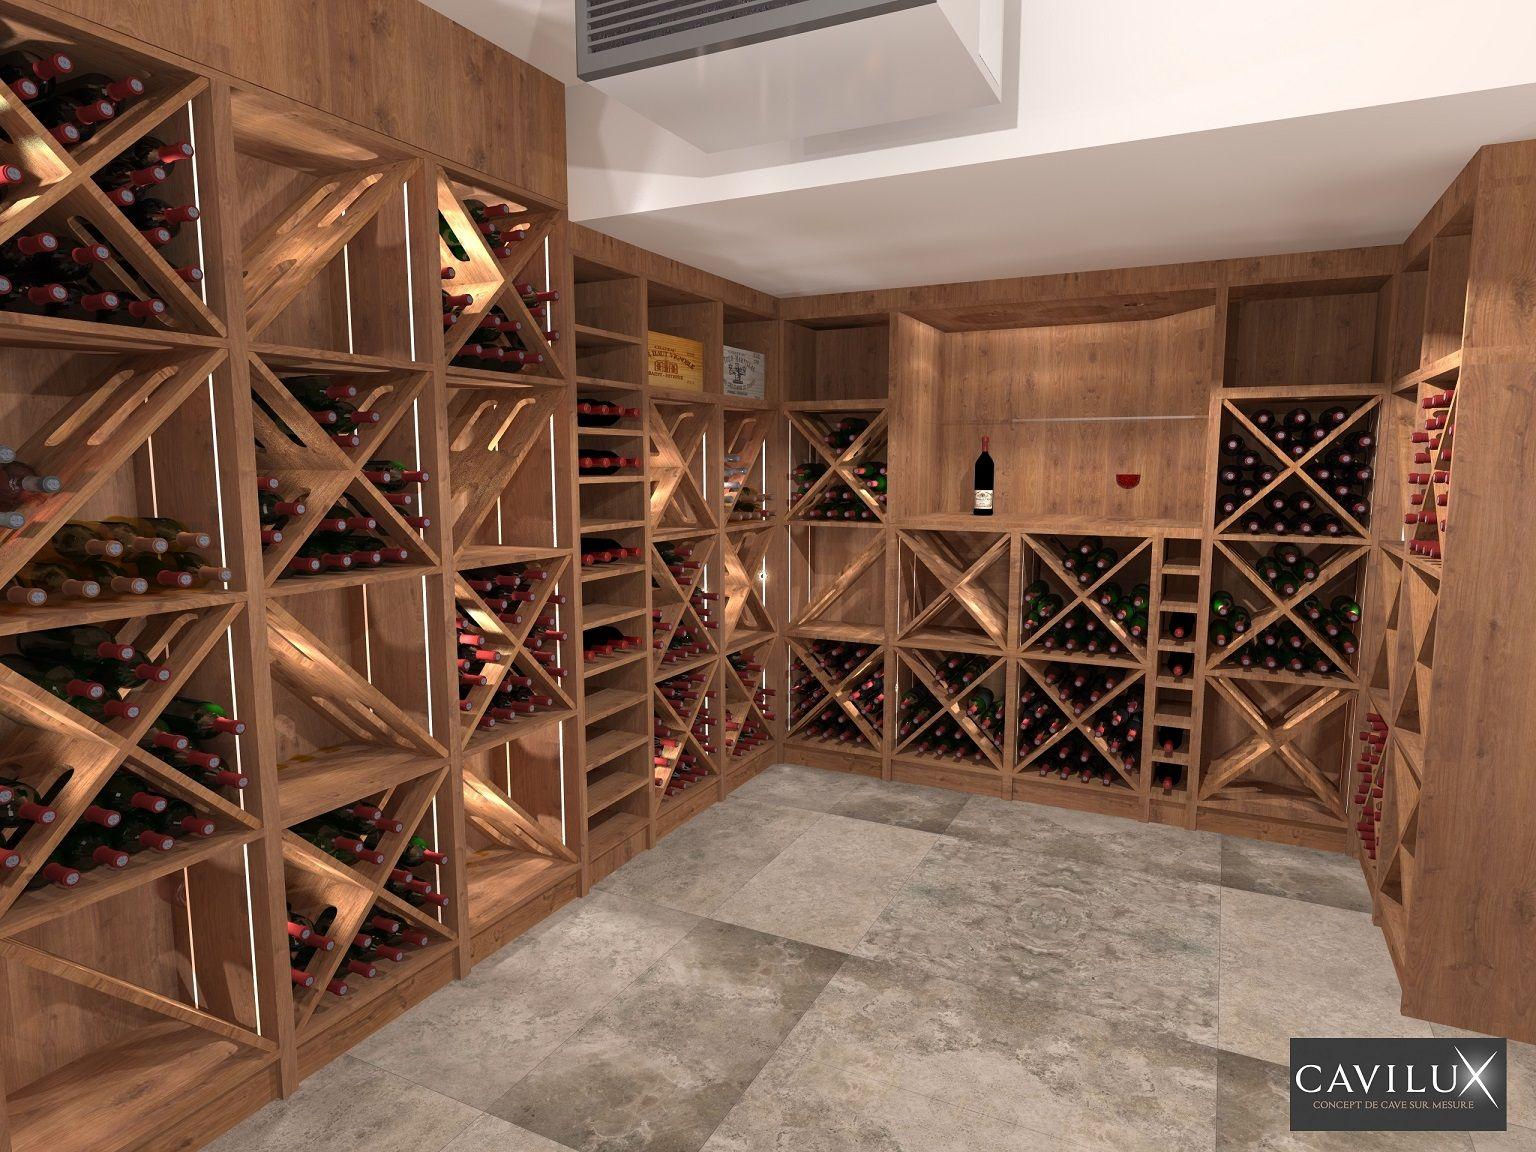 Projets 3d Cavilux Fabricant De Cave Vin Sur Mesure Wine